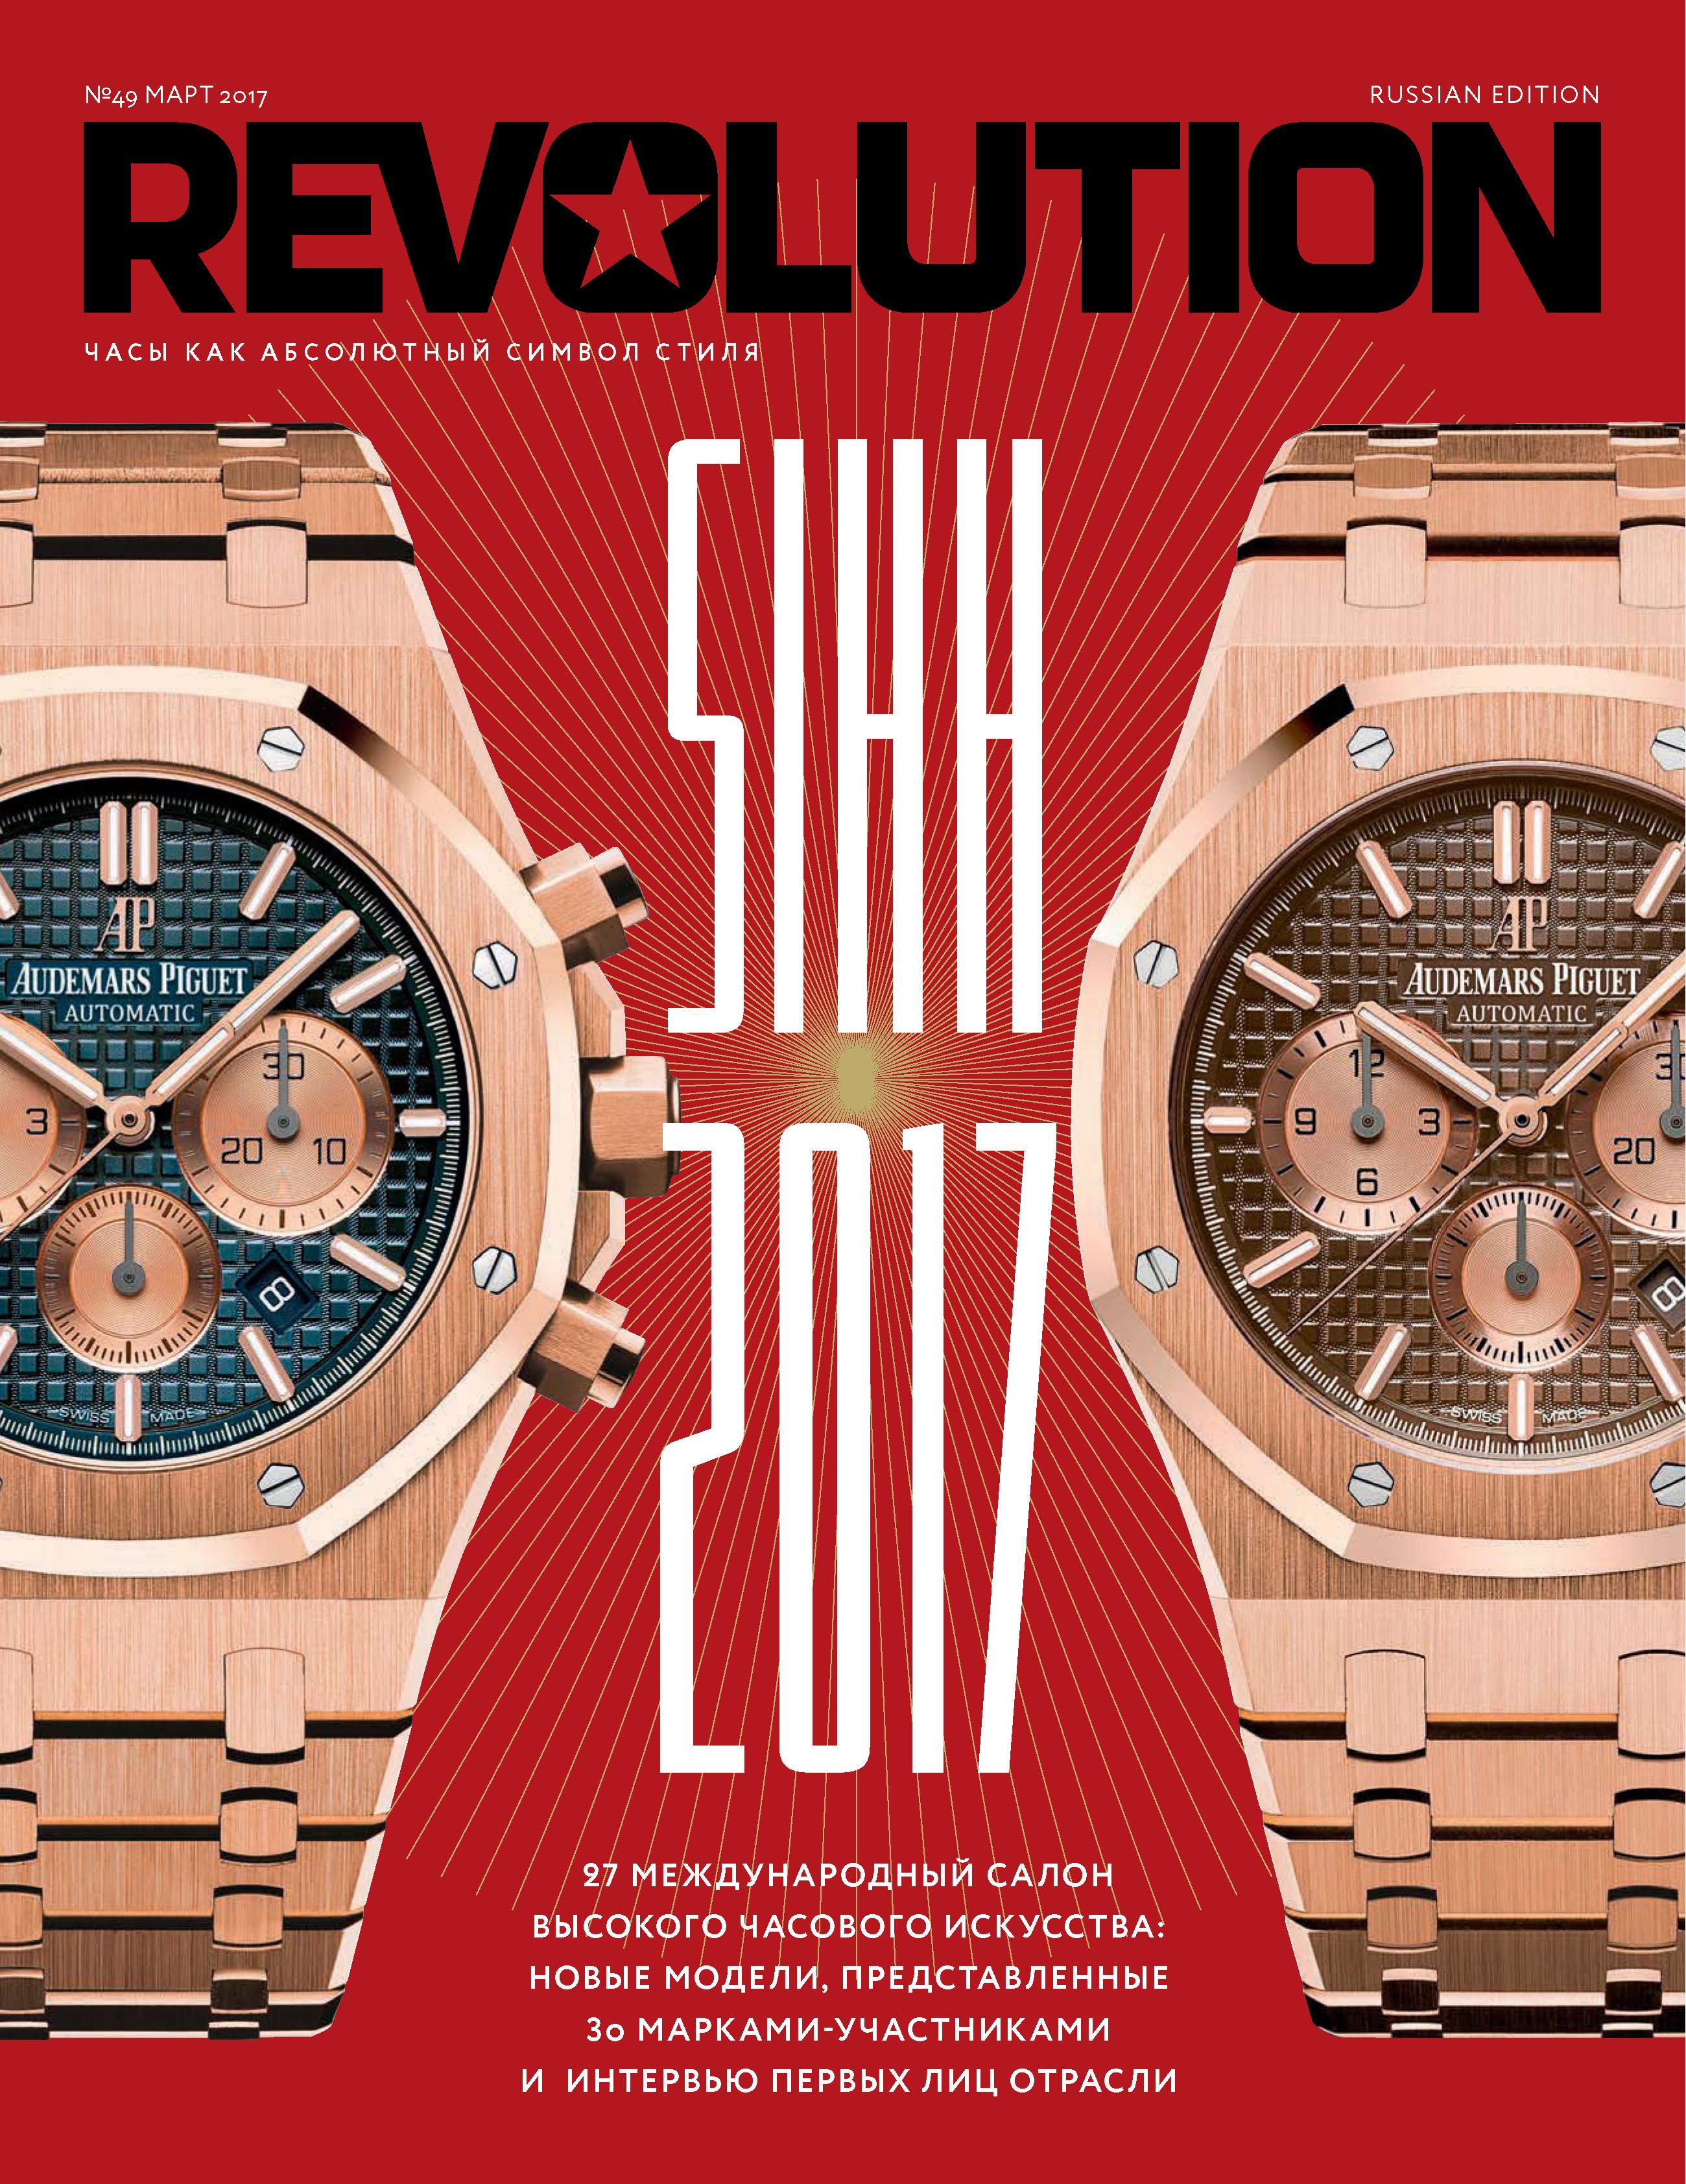 ИД «Бурда» Журнал Revolution №49,март 2017 часы jaeger lecoultre q1926450